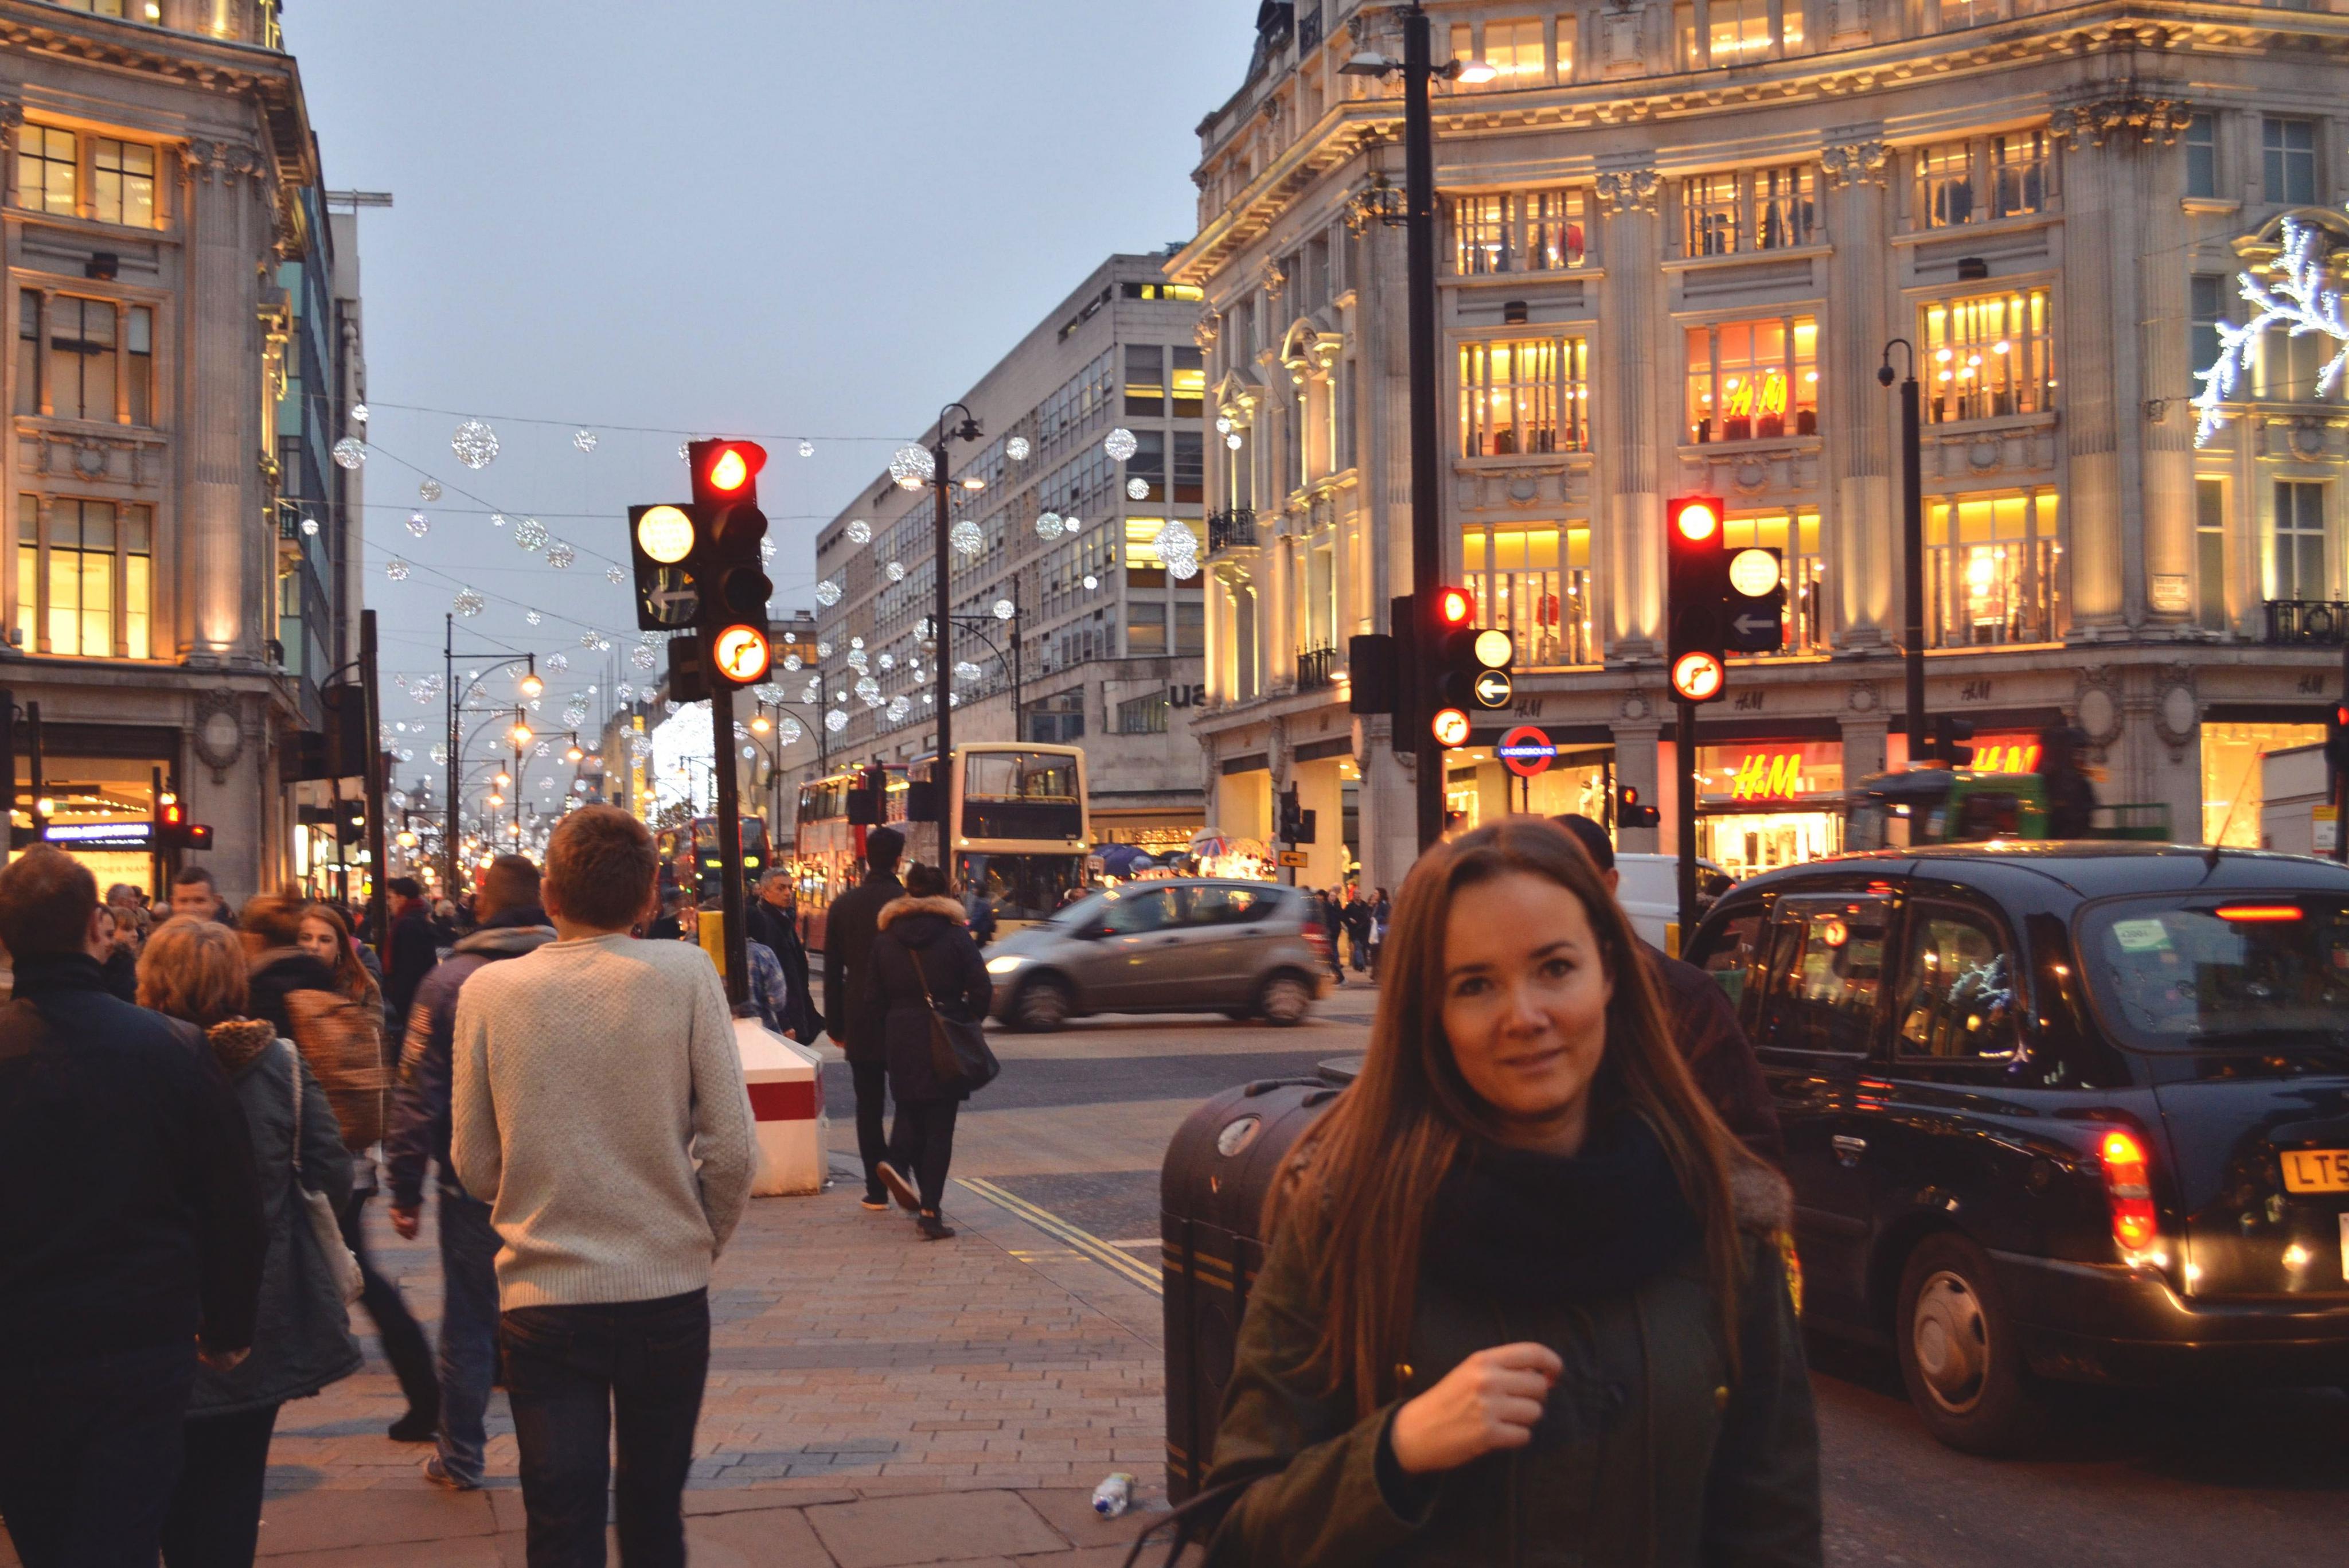 Wieczorny spacer świątecznymi ulicami Londynu!